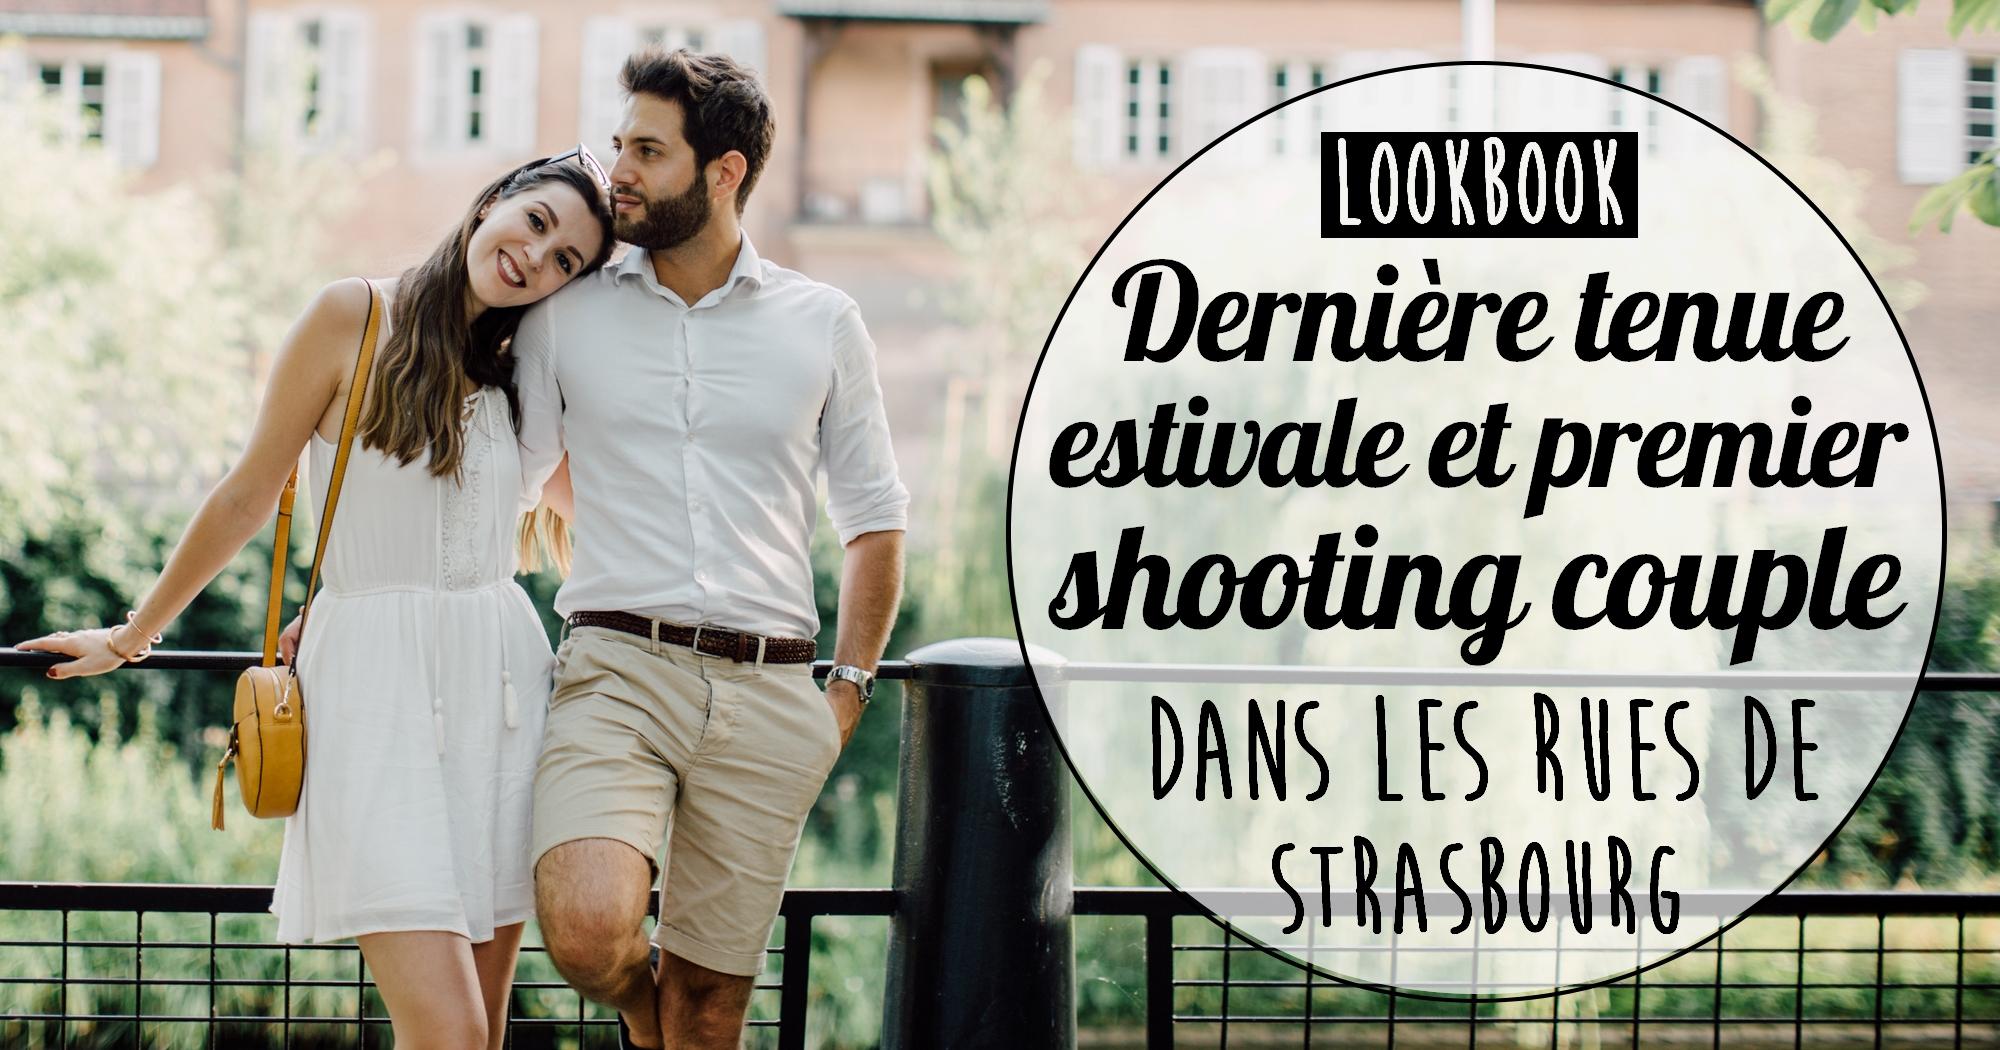 Look : Dernière tenue estivale et shooting couple dans les rues de Strasbourg